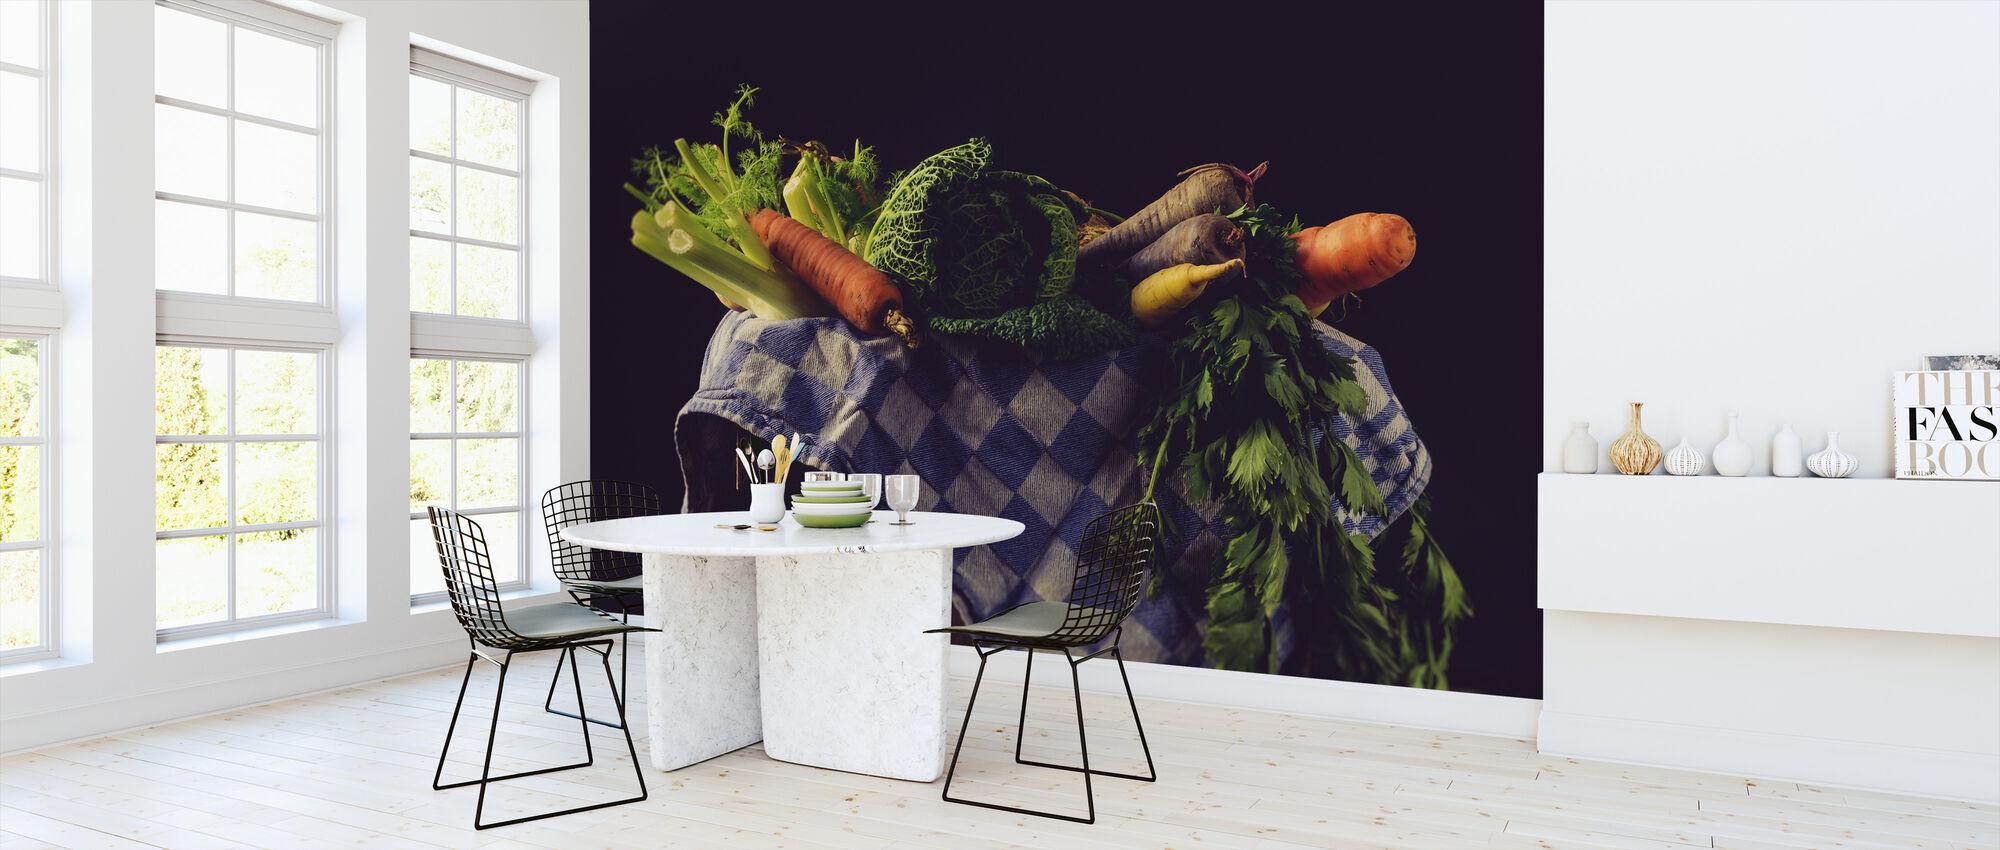 Vihanneksia - Tapetti - Keittiö